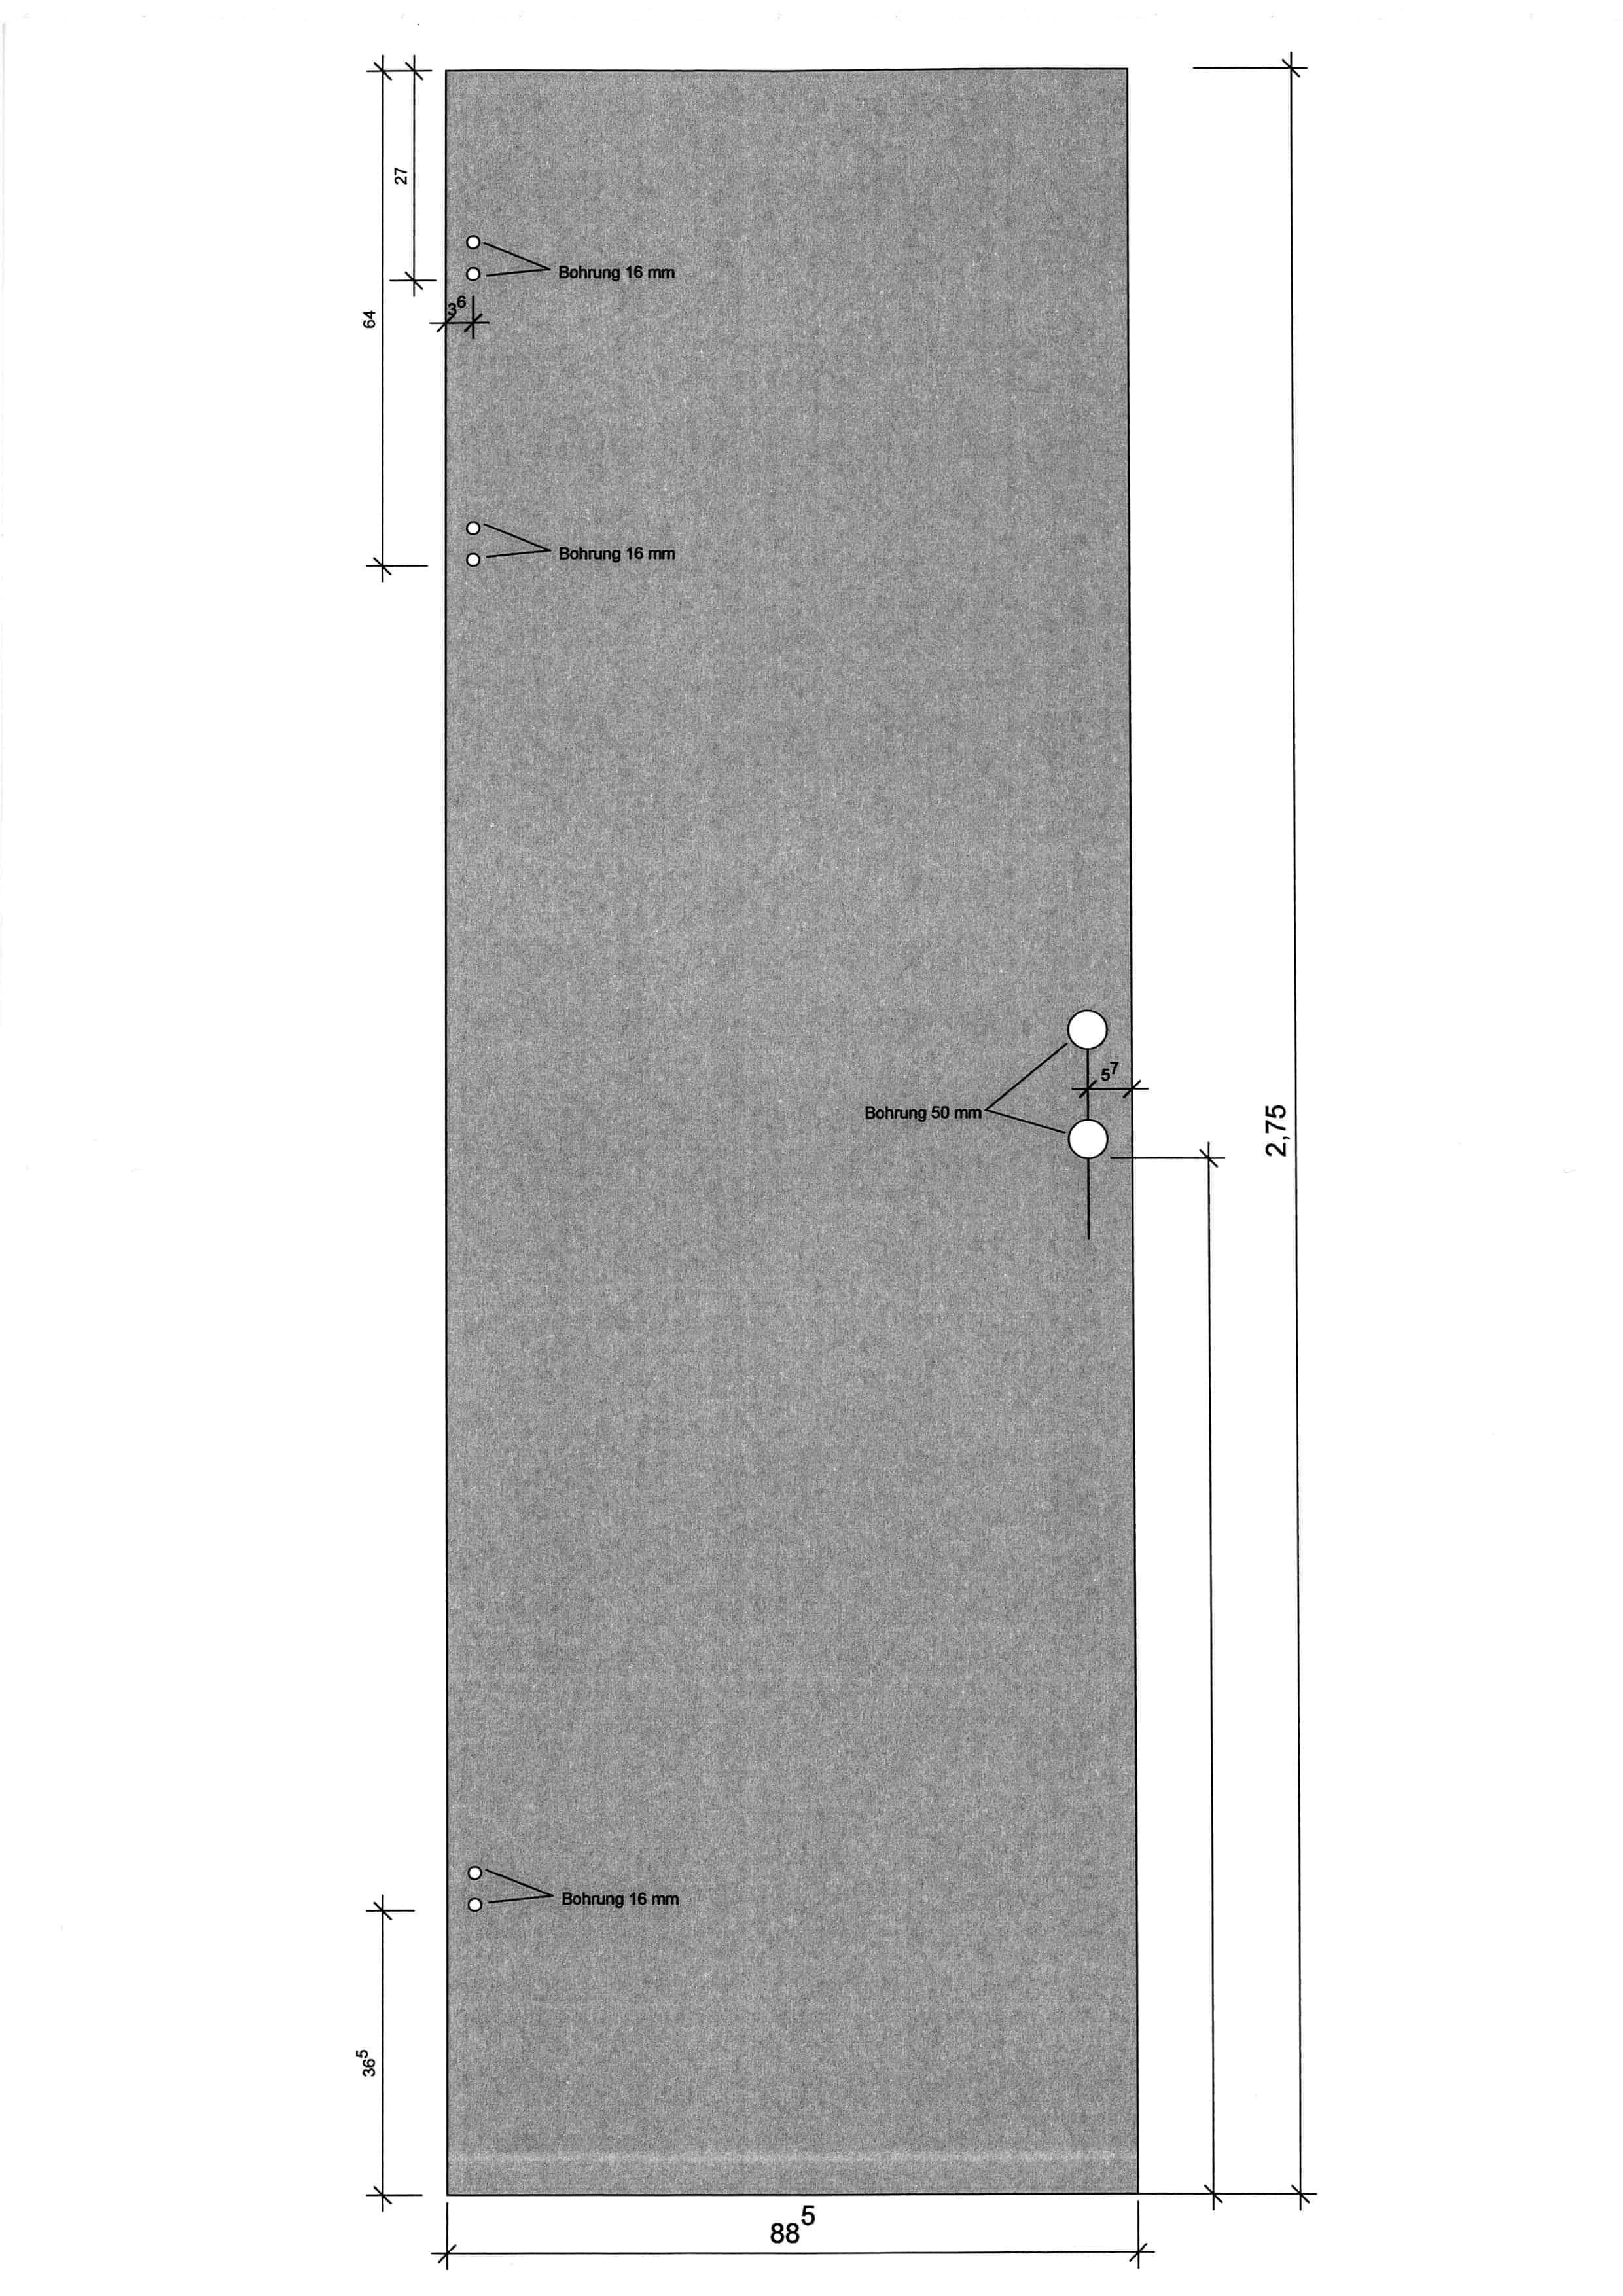 ganzglast re esg 10 mm mattiert und bodendichtung inkl 2 teiliger stahlzarge din rechts. Black Bedroom Furniture Sets. Home Design Ideas